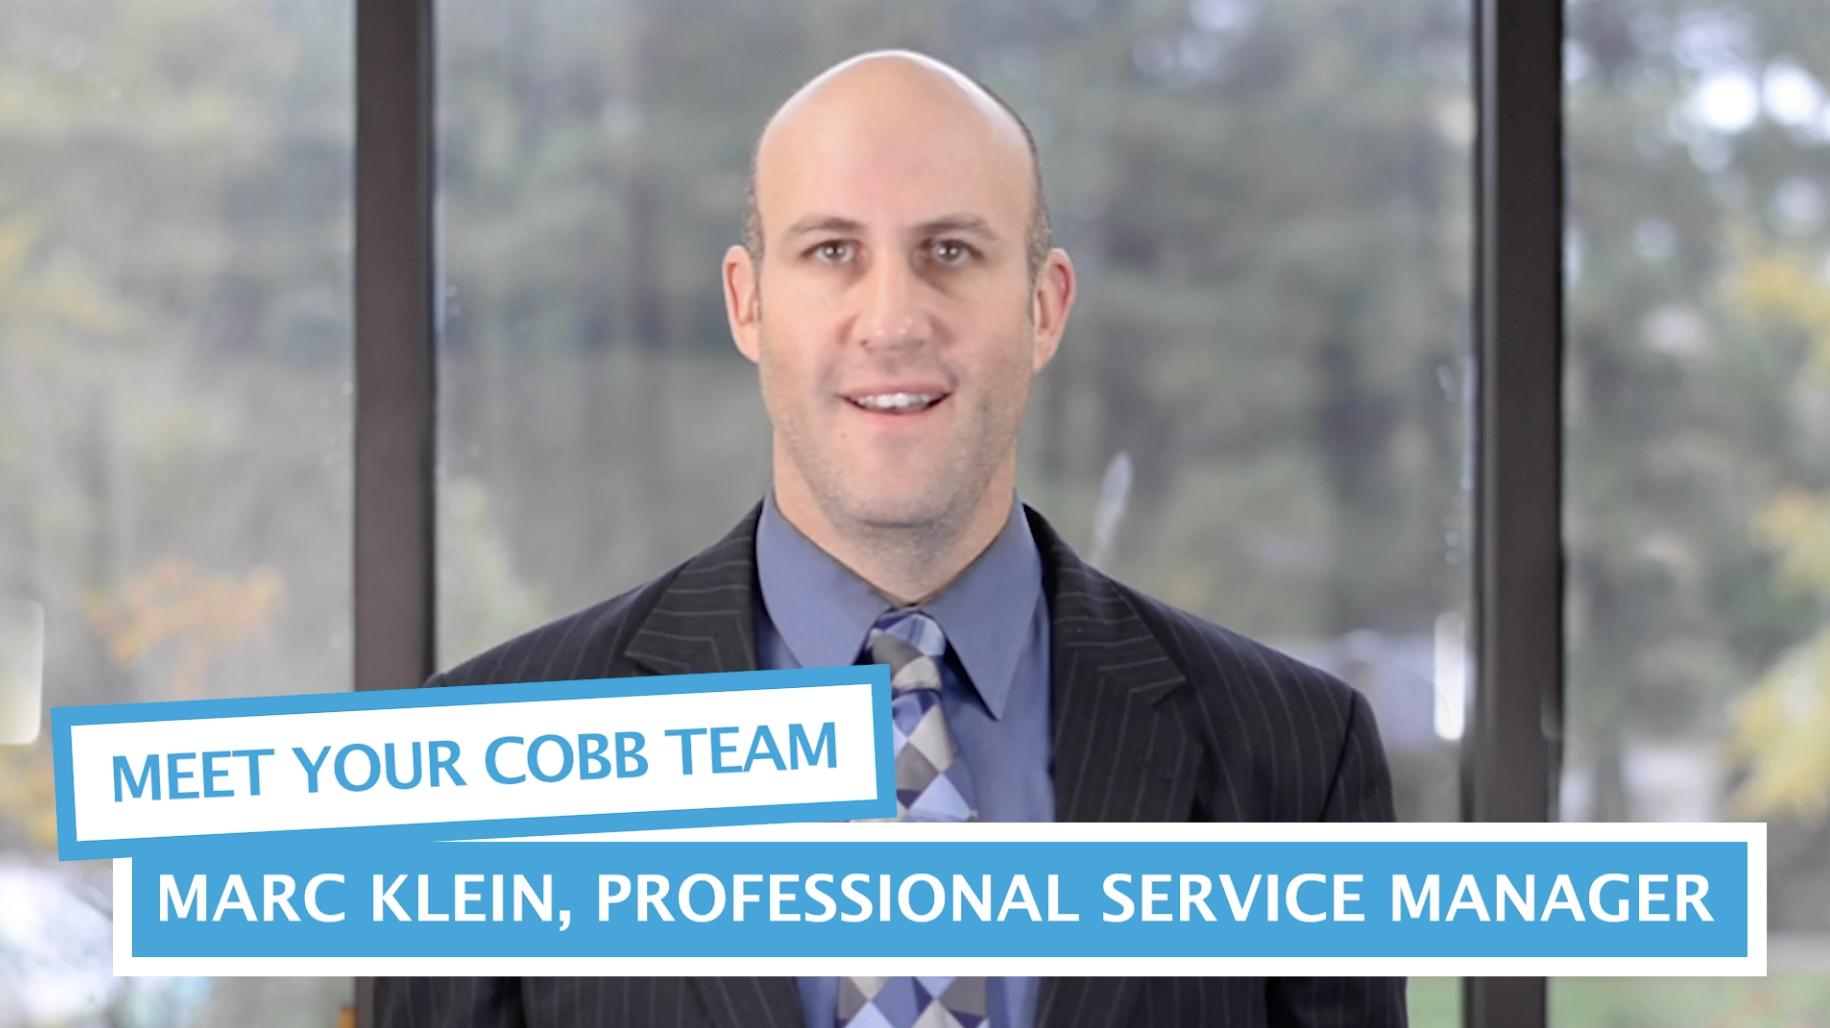 Meet Your Team - Marc Klein